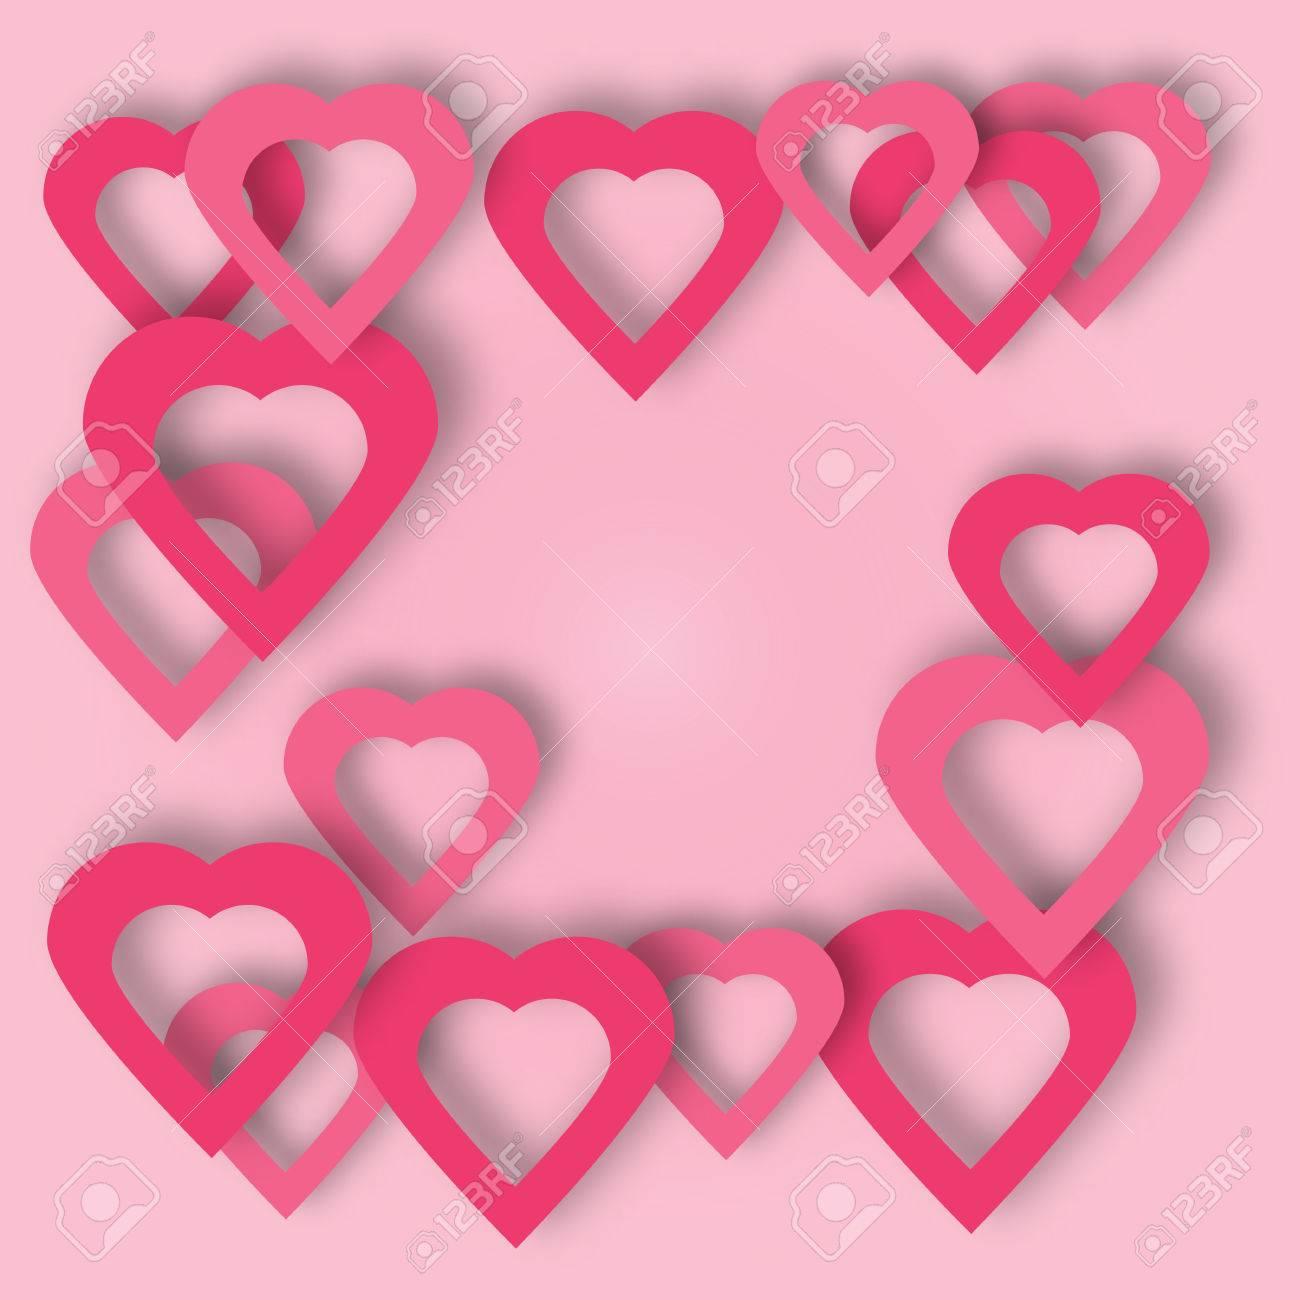 Schöne Herzen Vektor-Hintergrund Oder Karte. Helle Rosa Papier ...